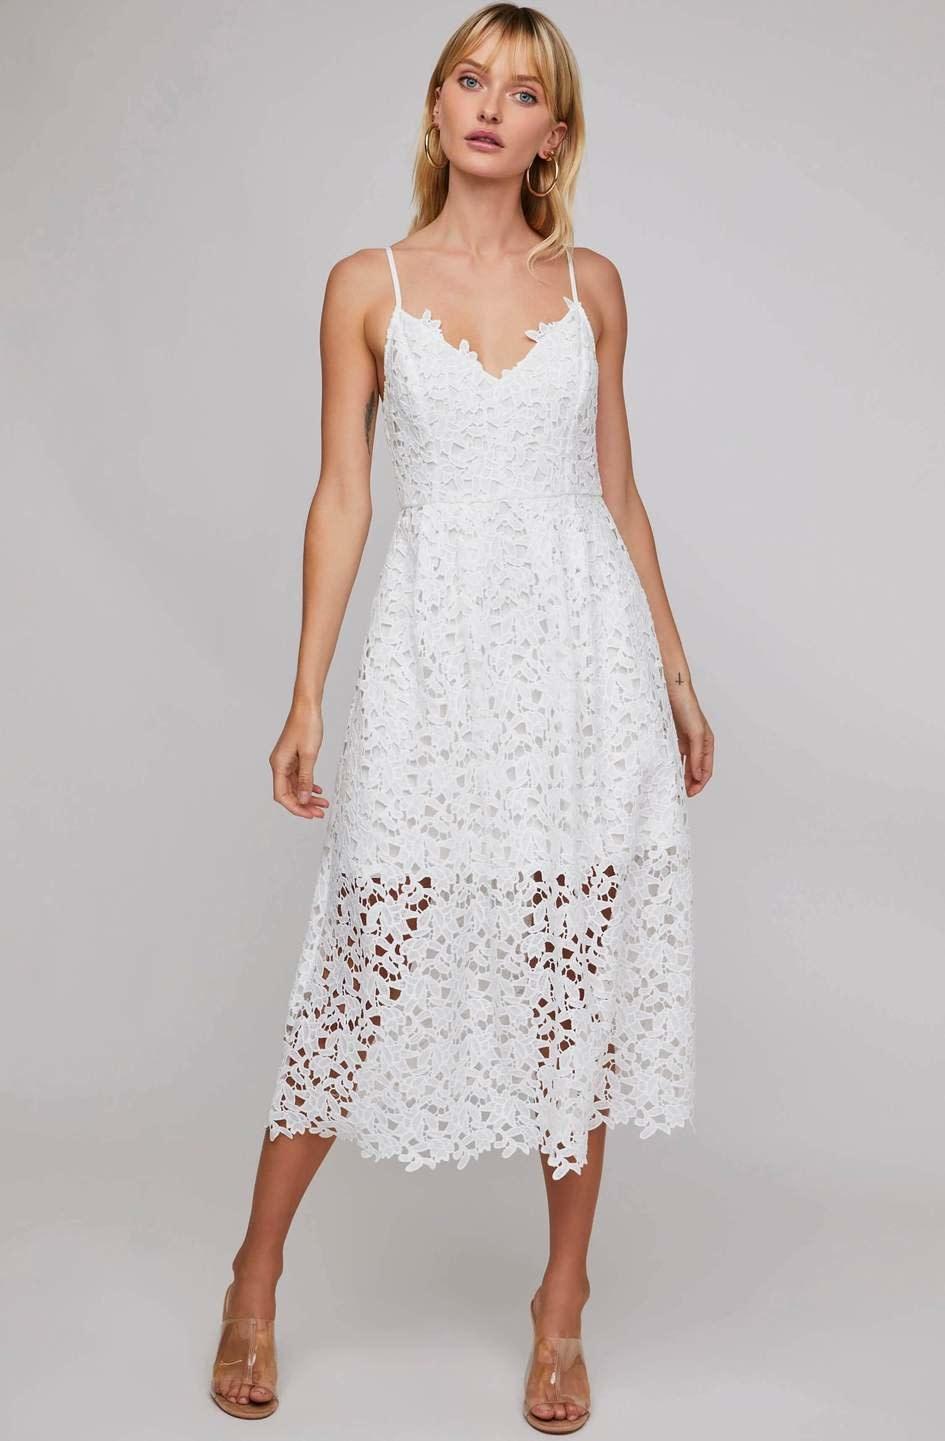 Dex Dex Thin Strap Lace Dress